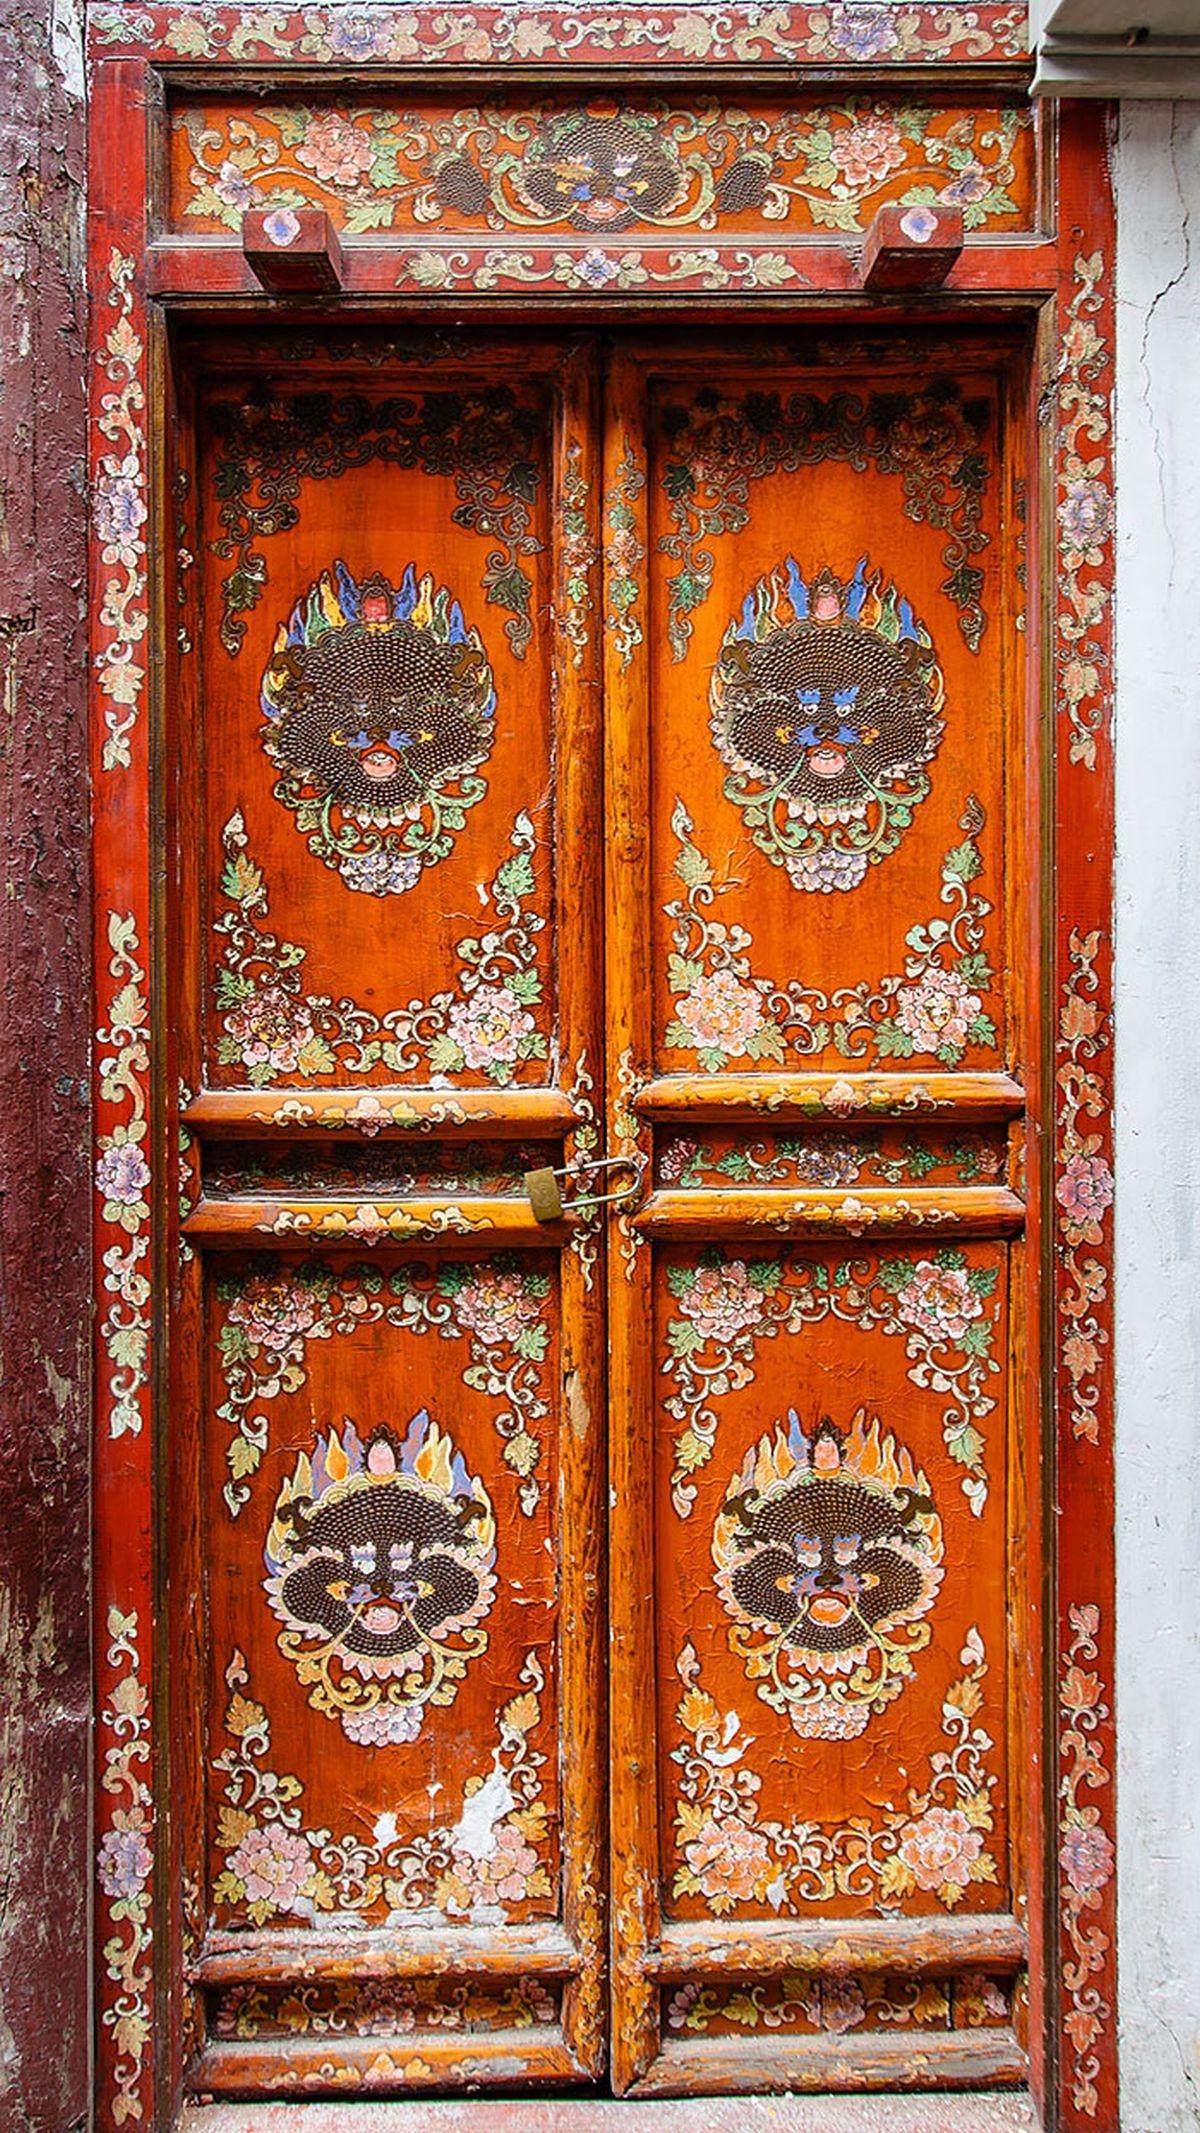 Cánh cửa với họa tiết mang đậm phong cách Trung Hoa